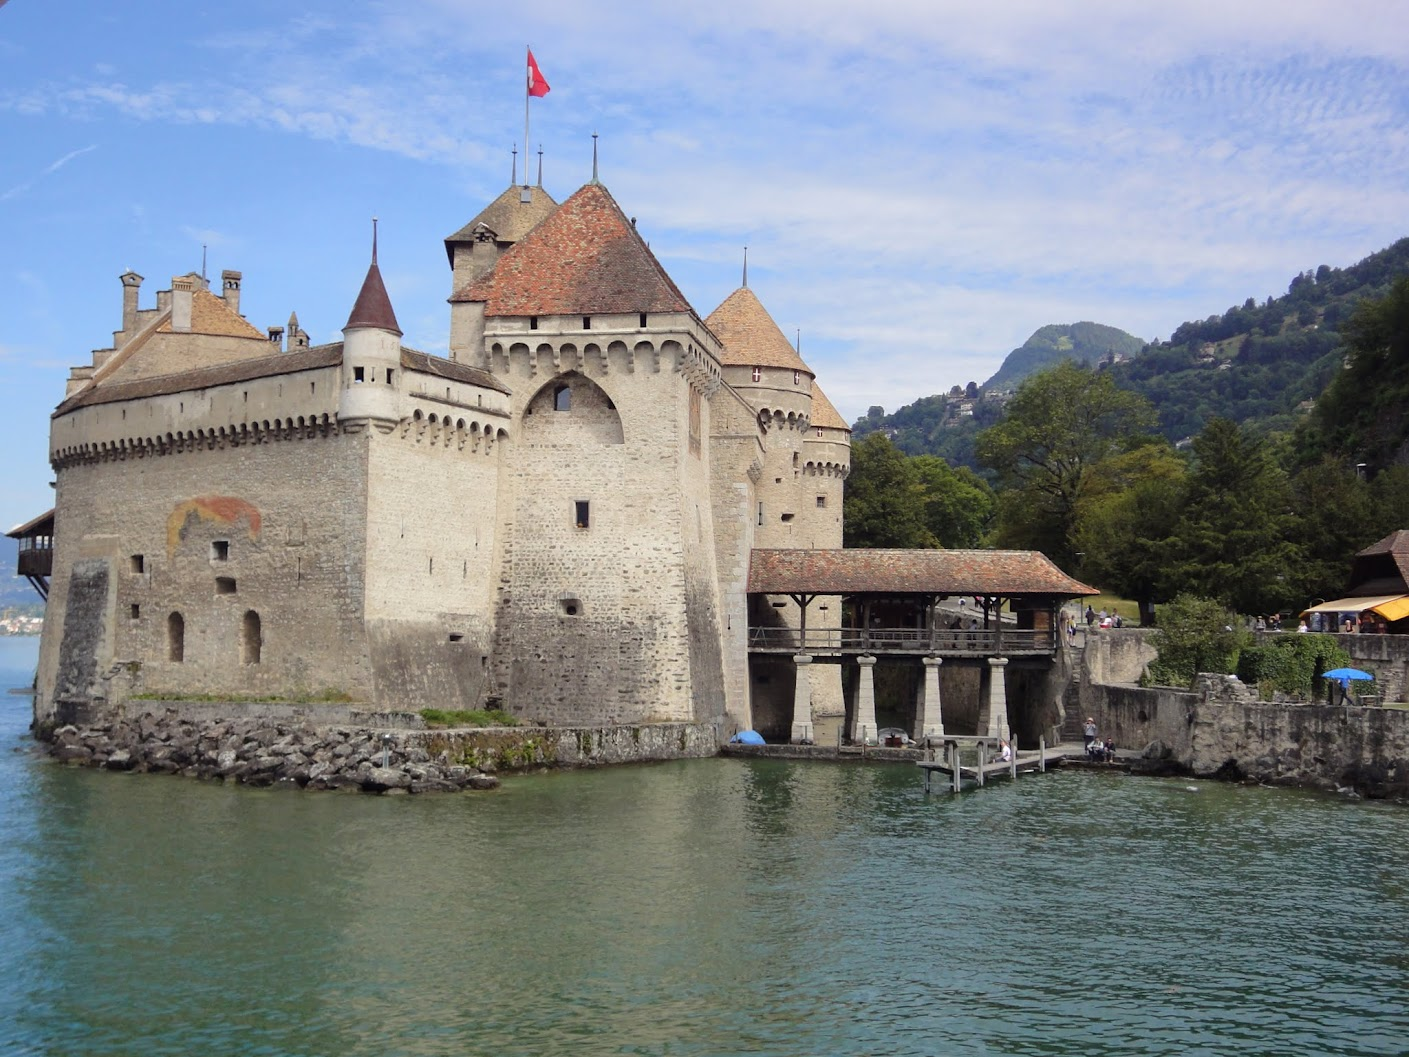 Château de Chillon